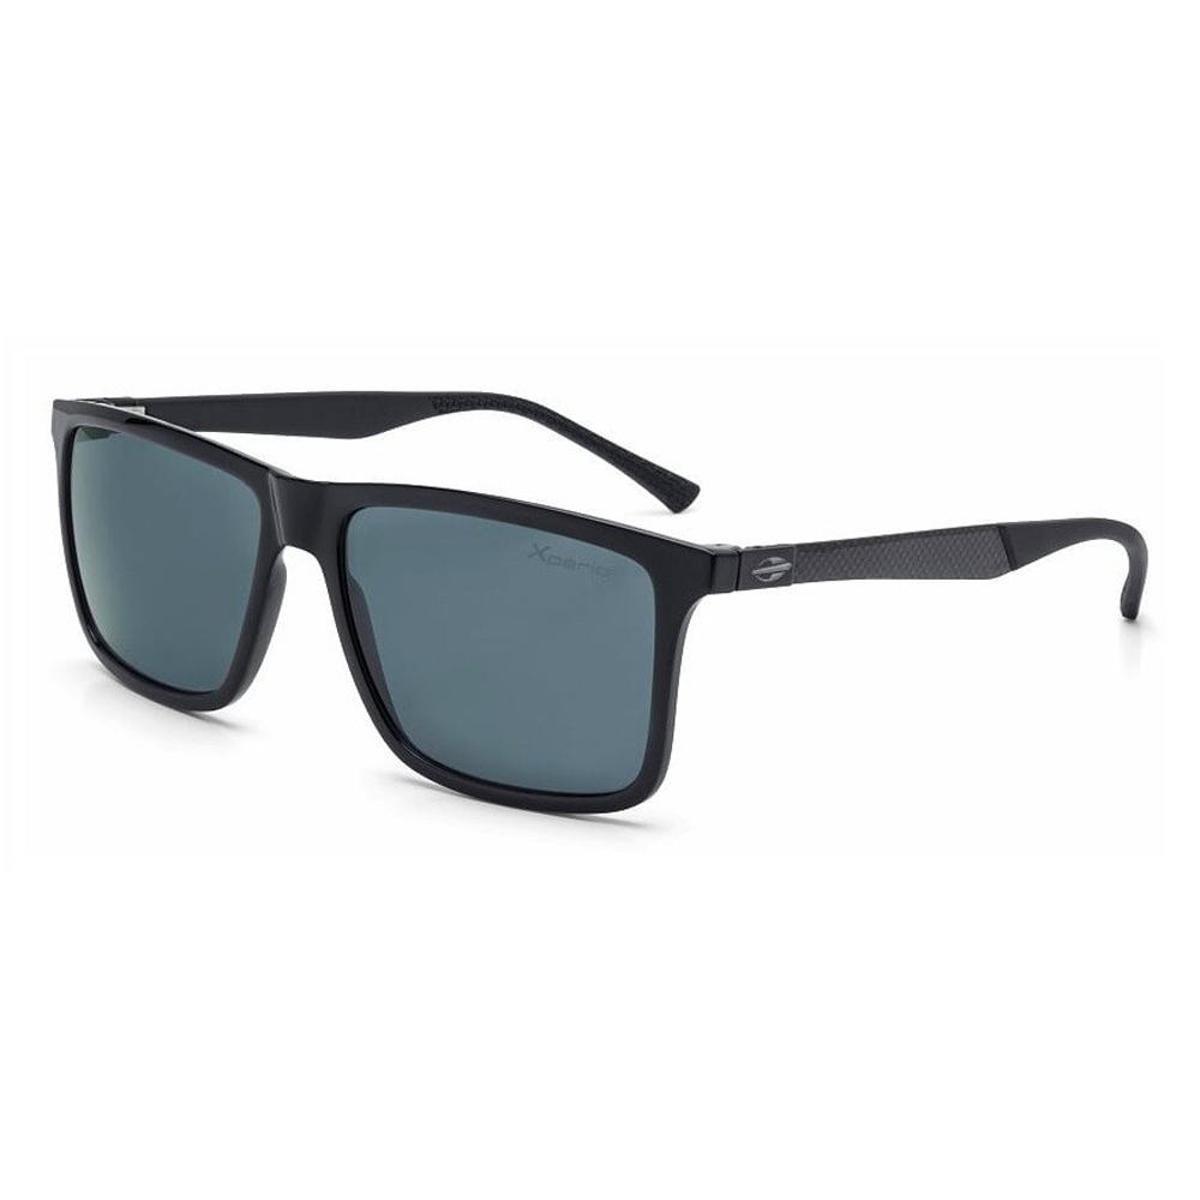 eeb225d12 Óculos De Sol Mormaii Kona Plus Polarizada - Preto | Netshoes